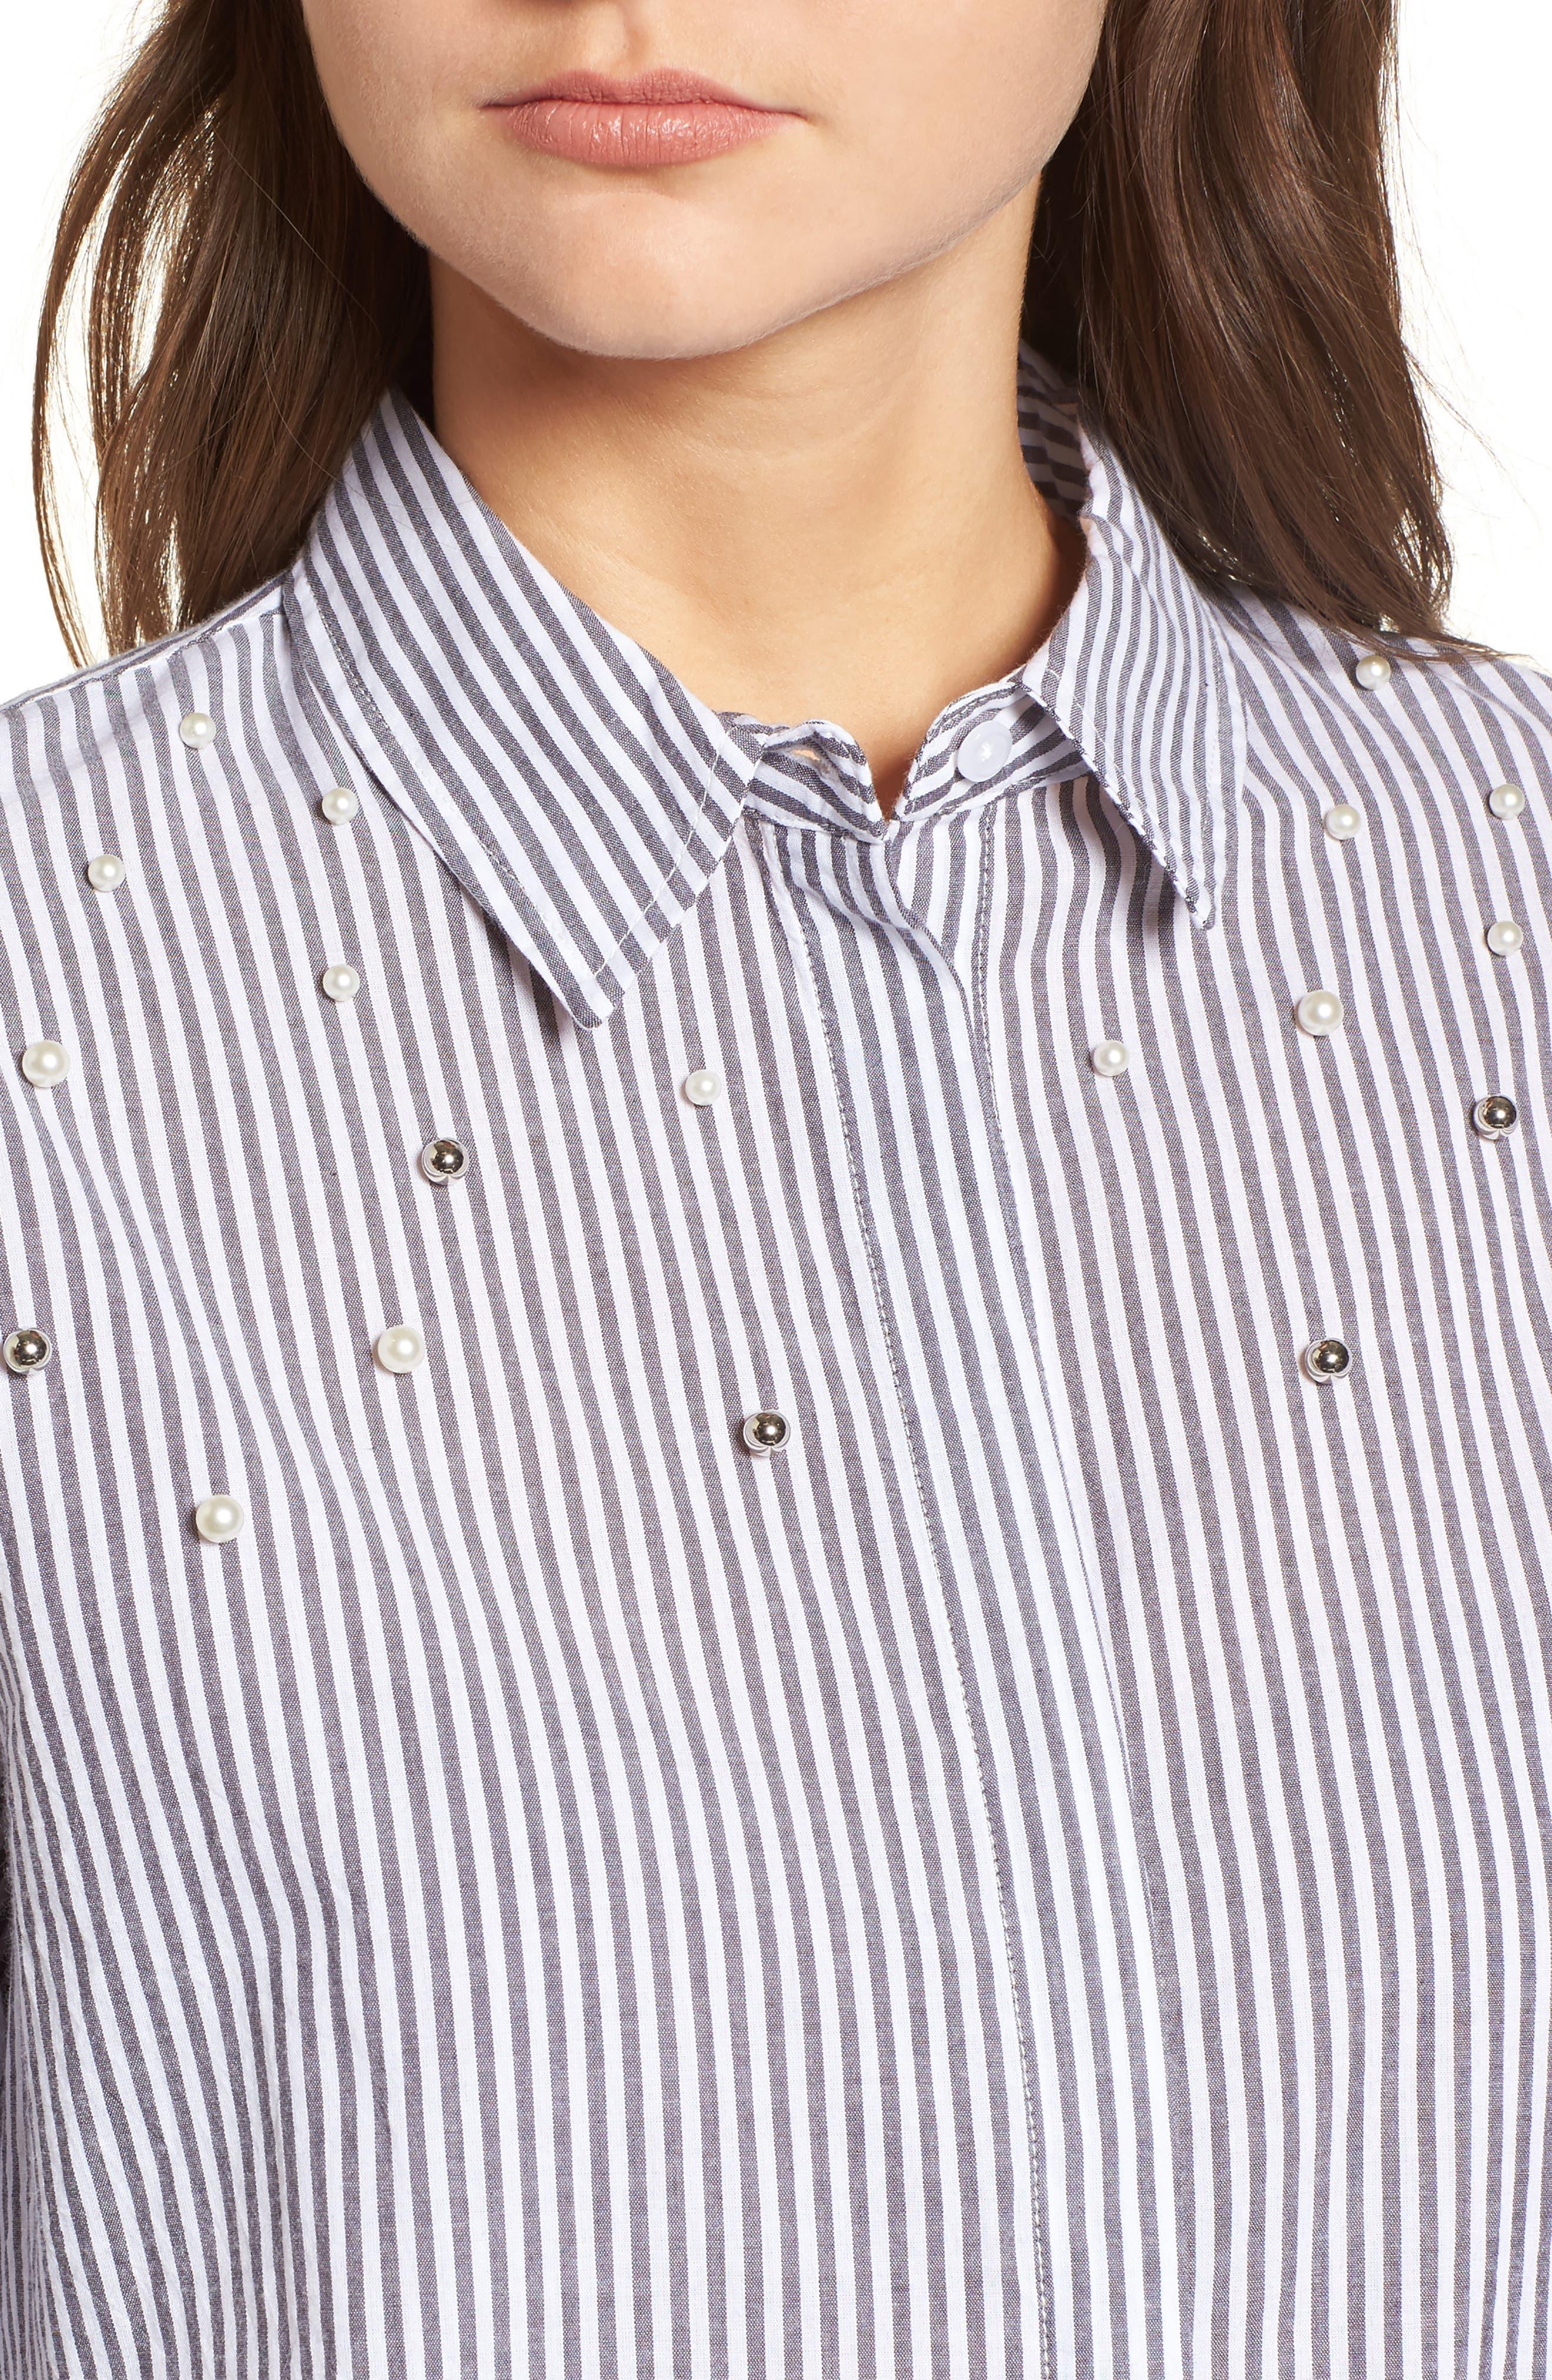 Taylor Embellished Shirt,                             Alternate thumbnail 4, color,                             022